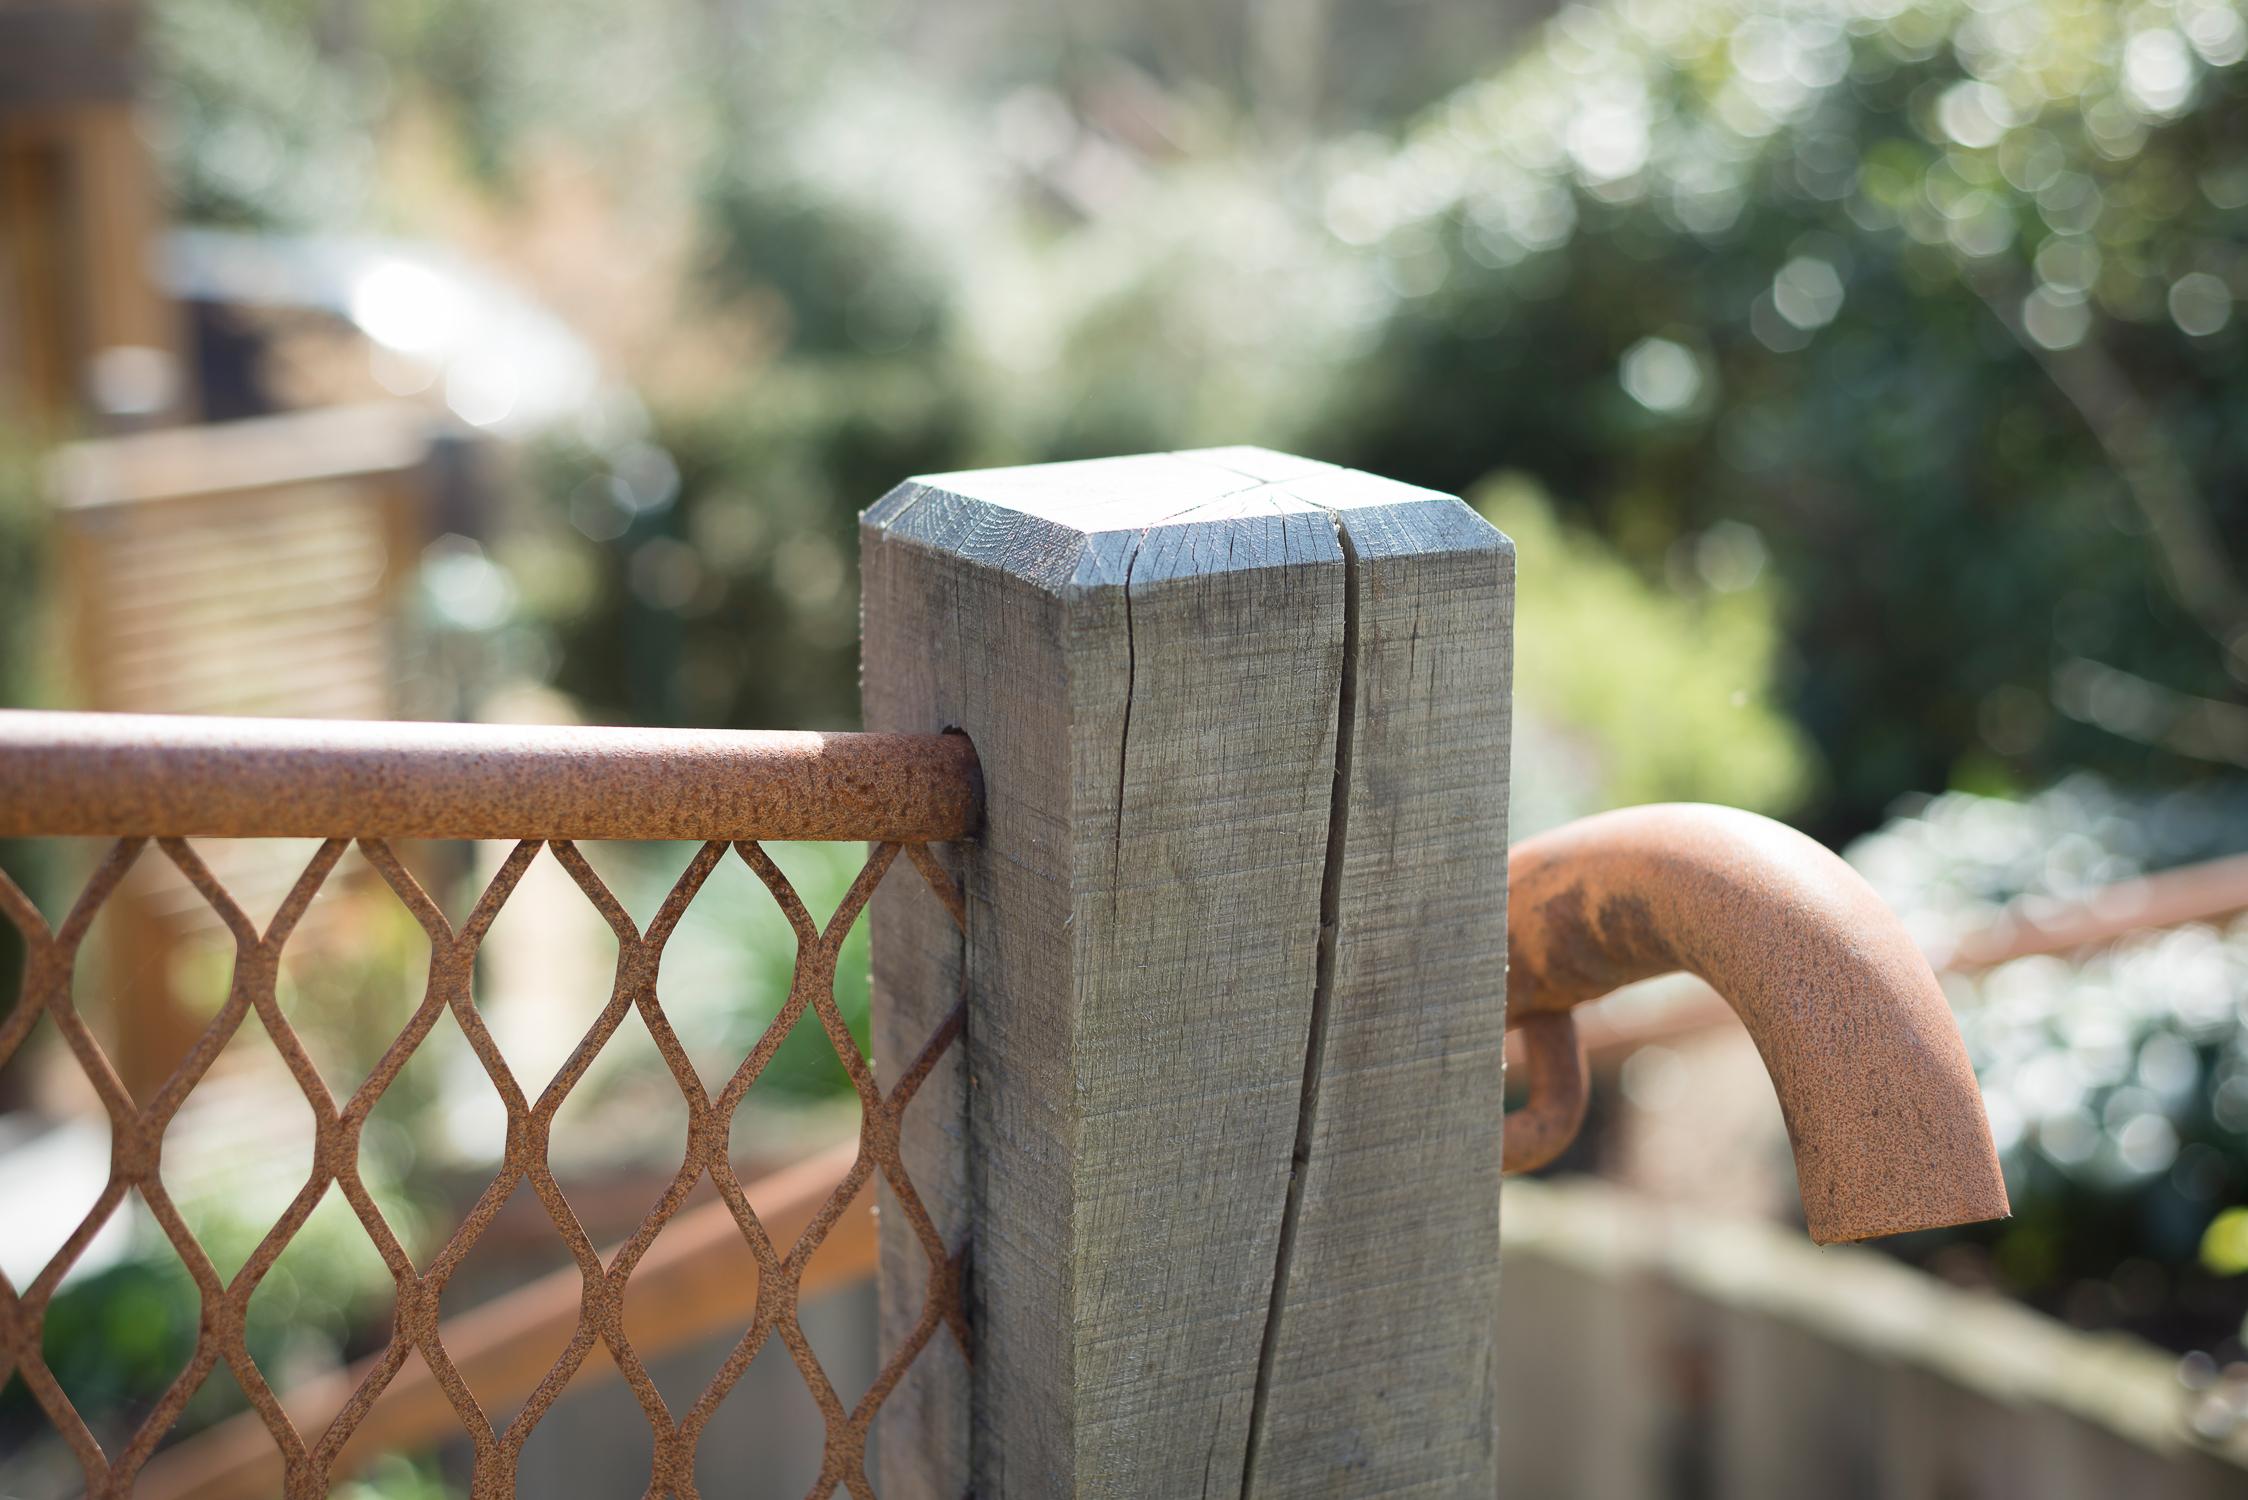 Oak Post and Steel Fence - www.jolliffdevelopments.com